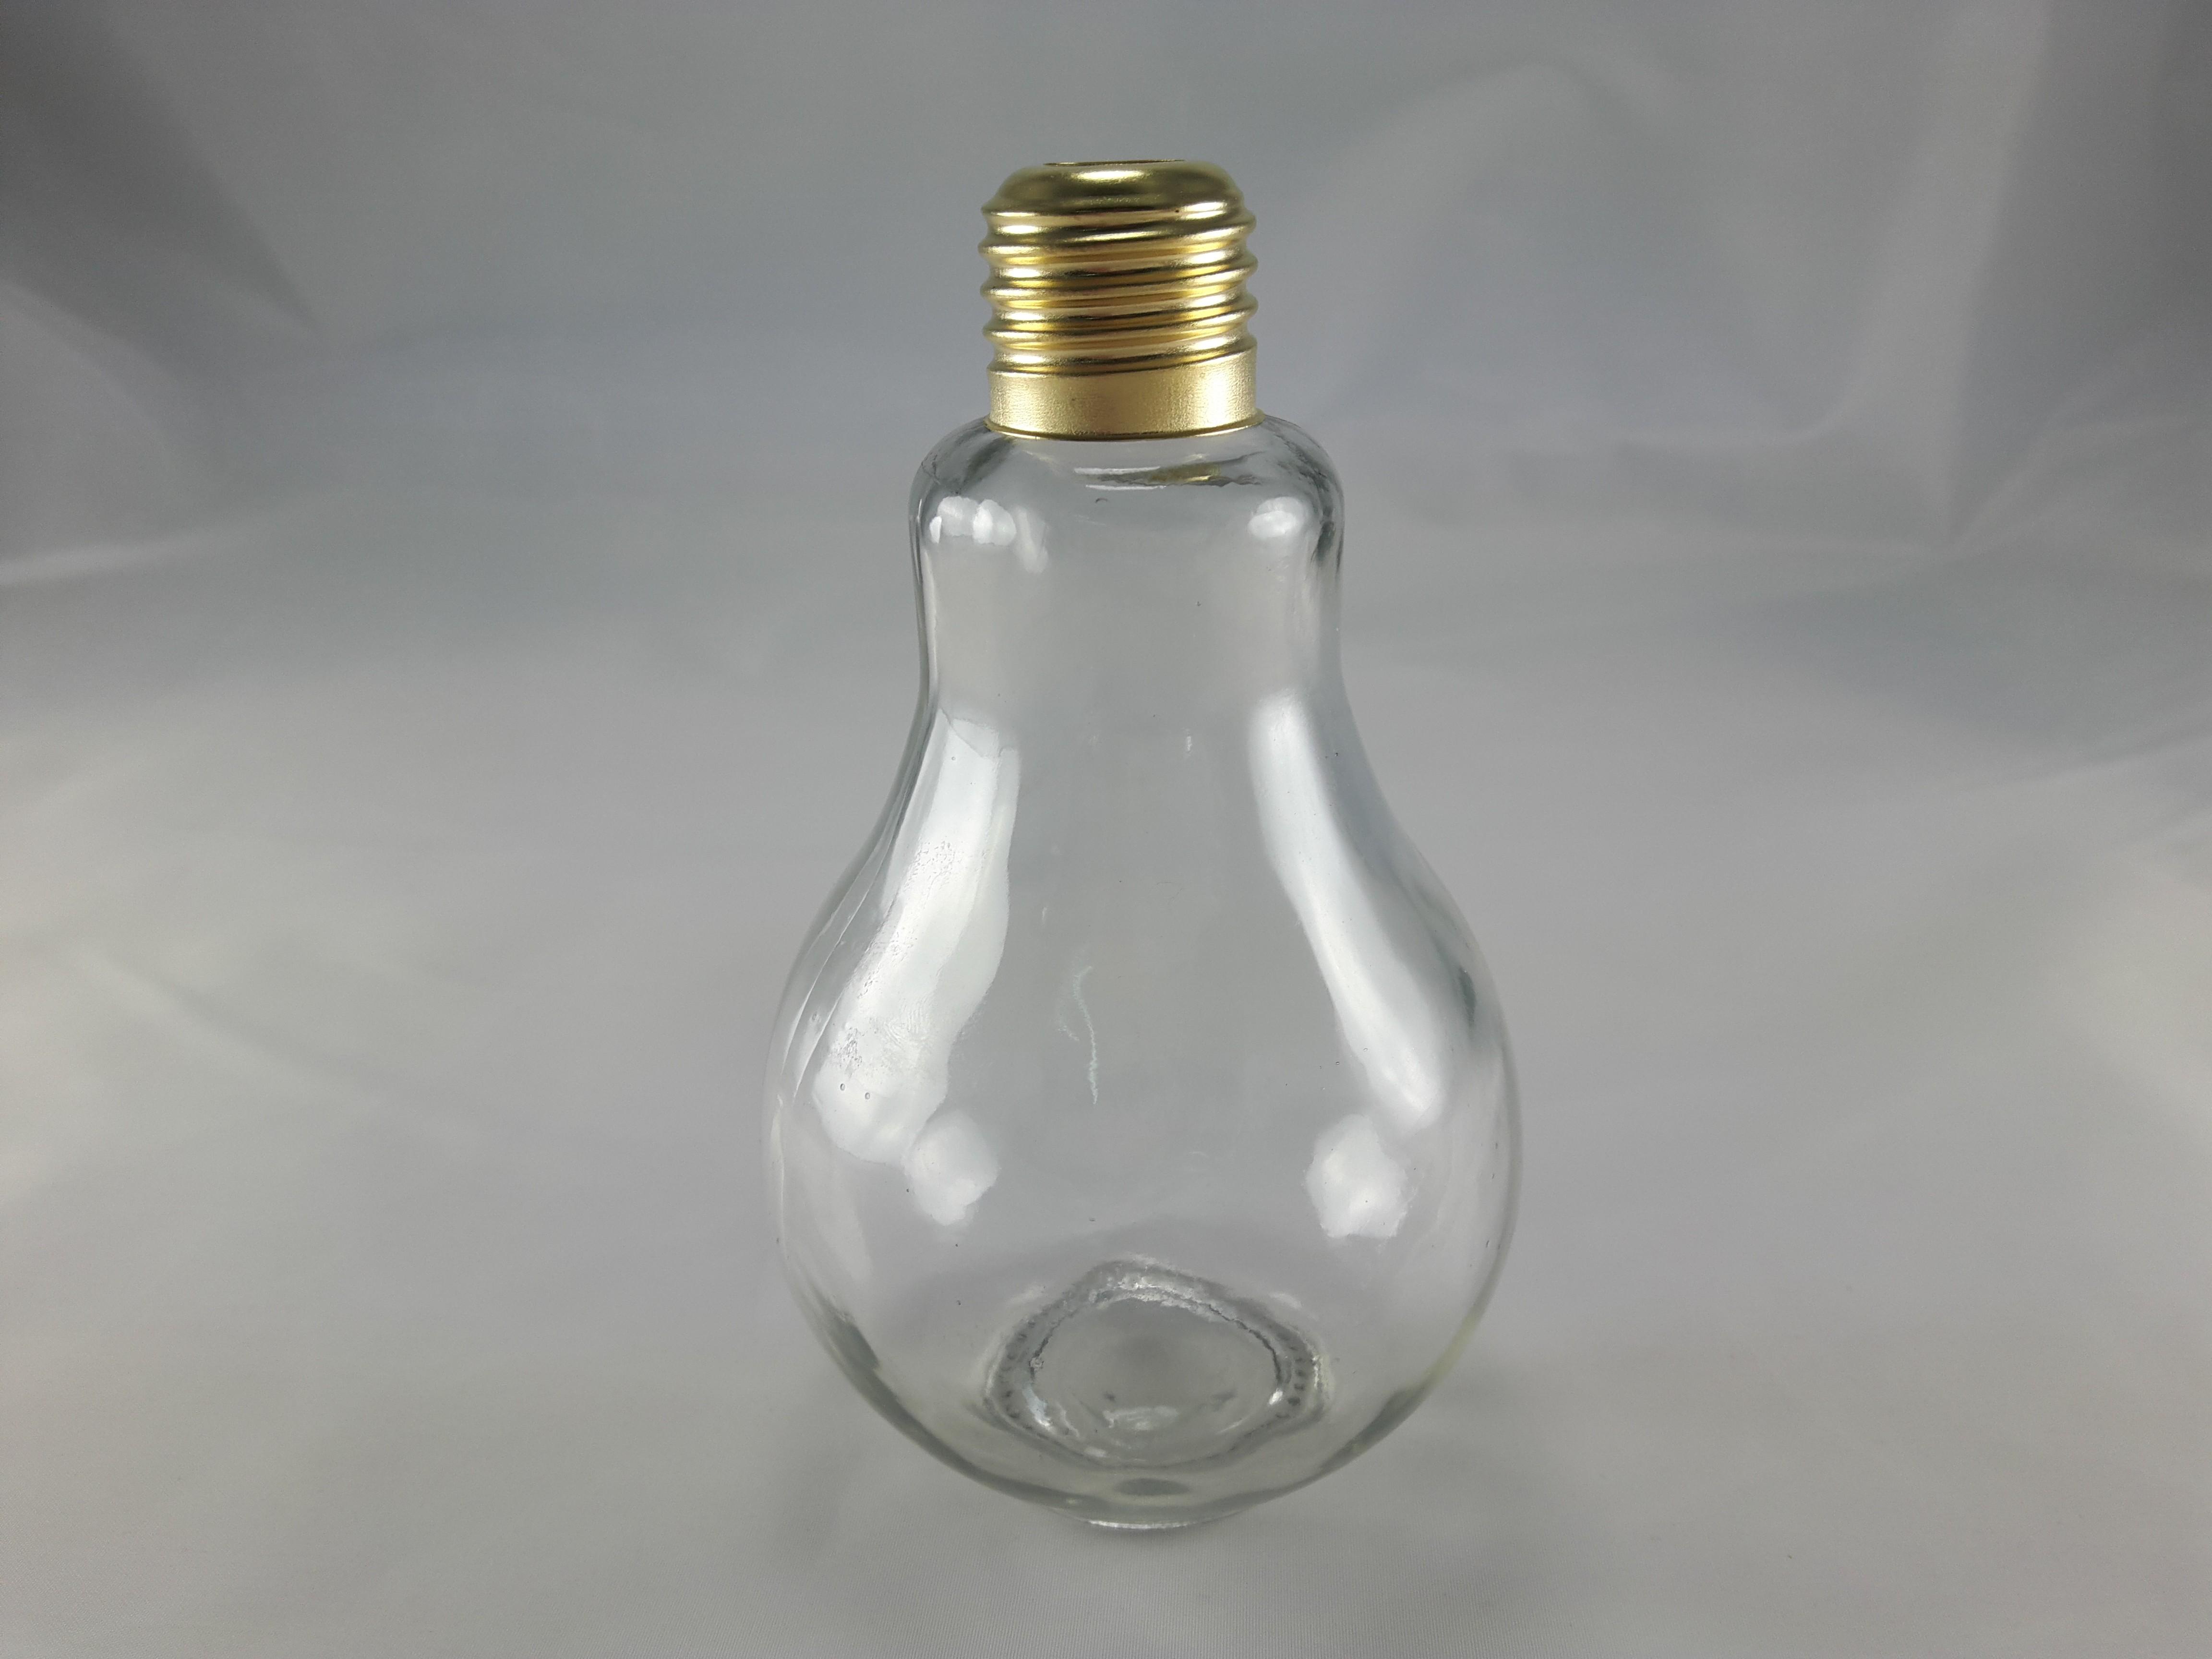 燈泡造型飲料瓶800ml(玻璃空瓶)